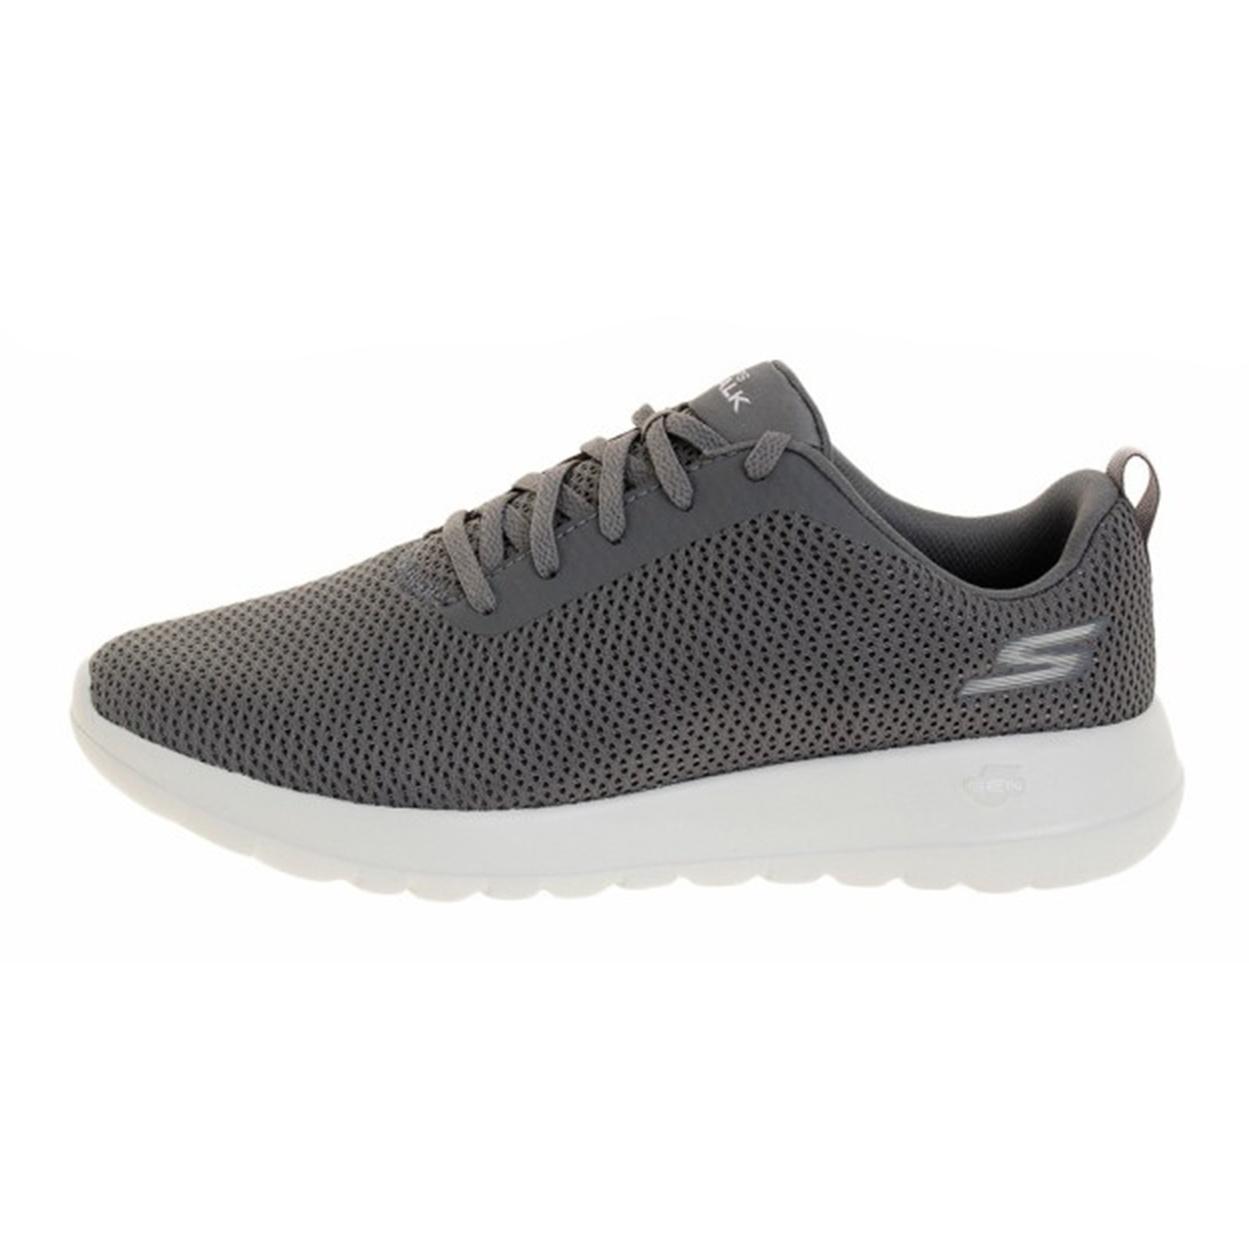 کفش مخصوص پیاده روی مردانه اسکچرز مدل MIRACLE 54601 CHAR